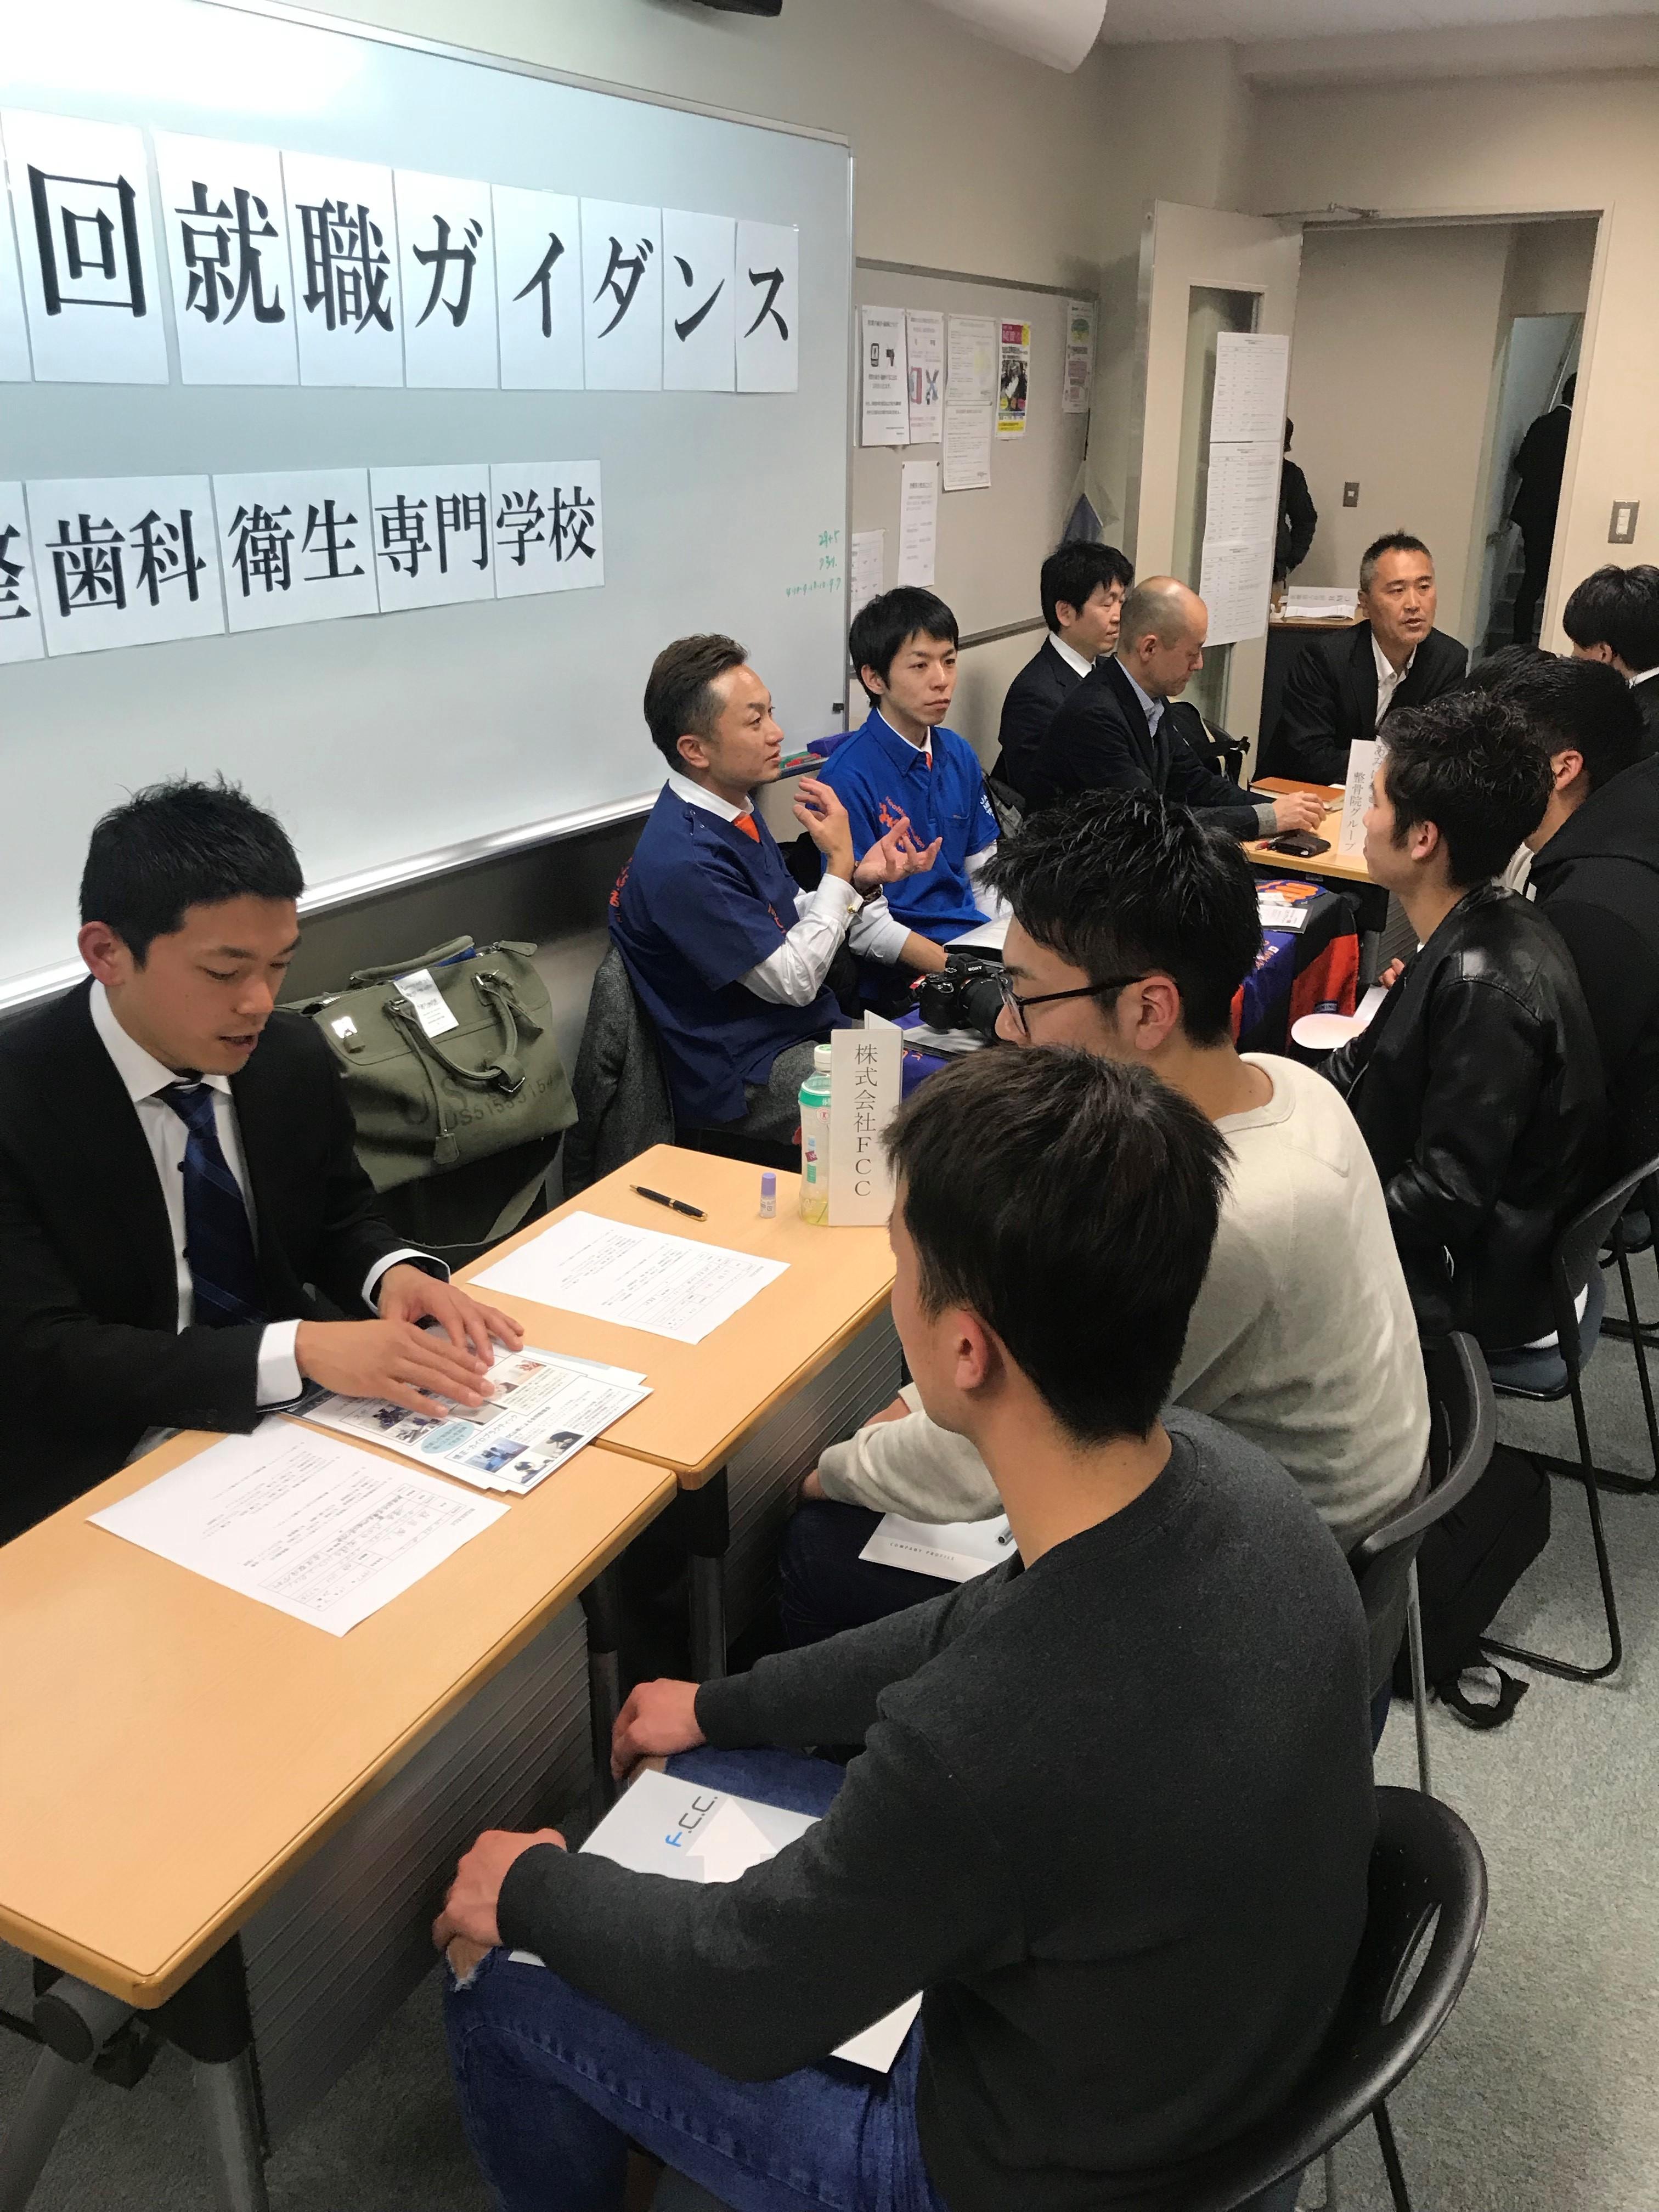 3月6日、日本健康医療専門学校様と新宿鍼灸柔整専門学校様の合同就職説明会に参加させて頂きました!